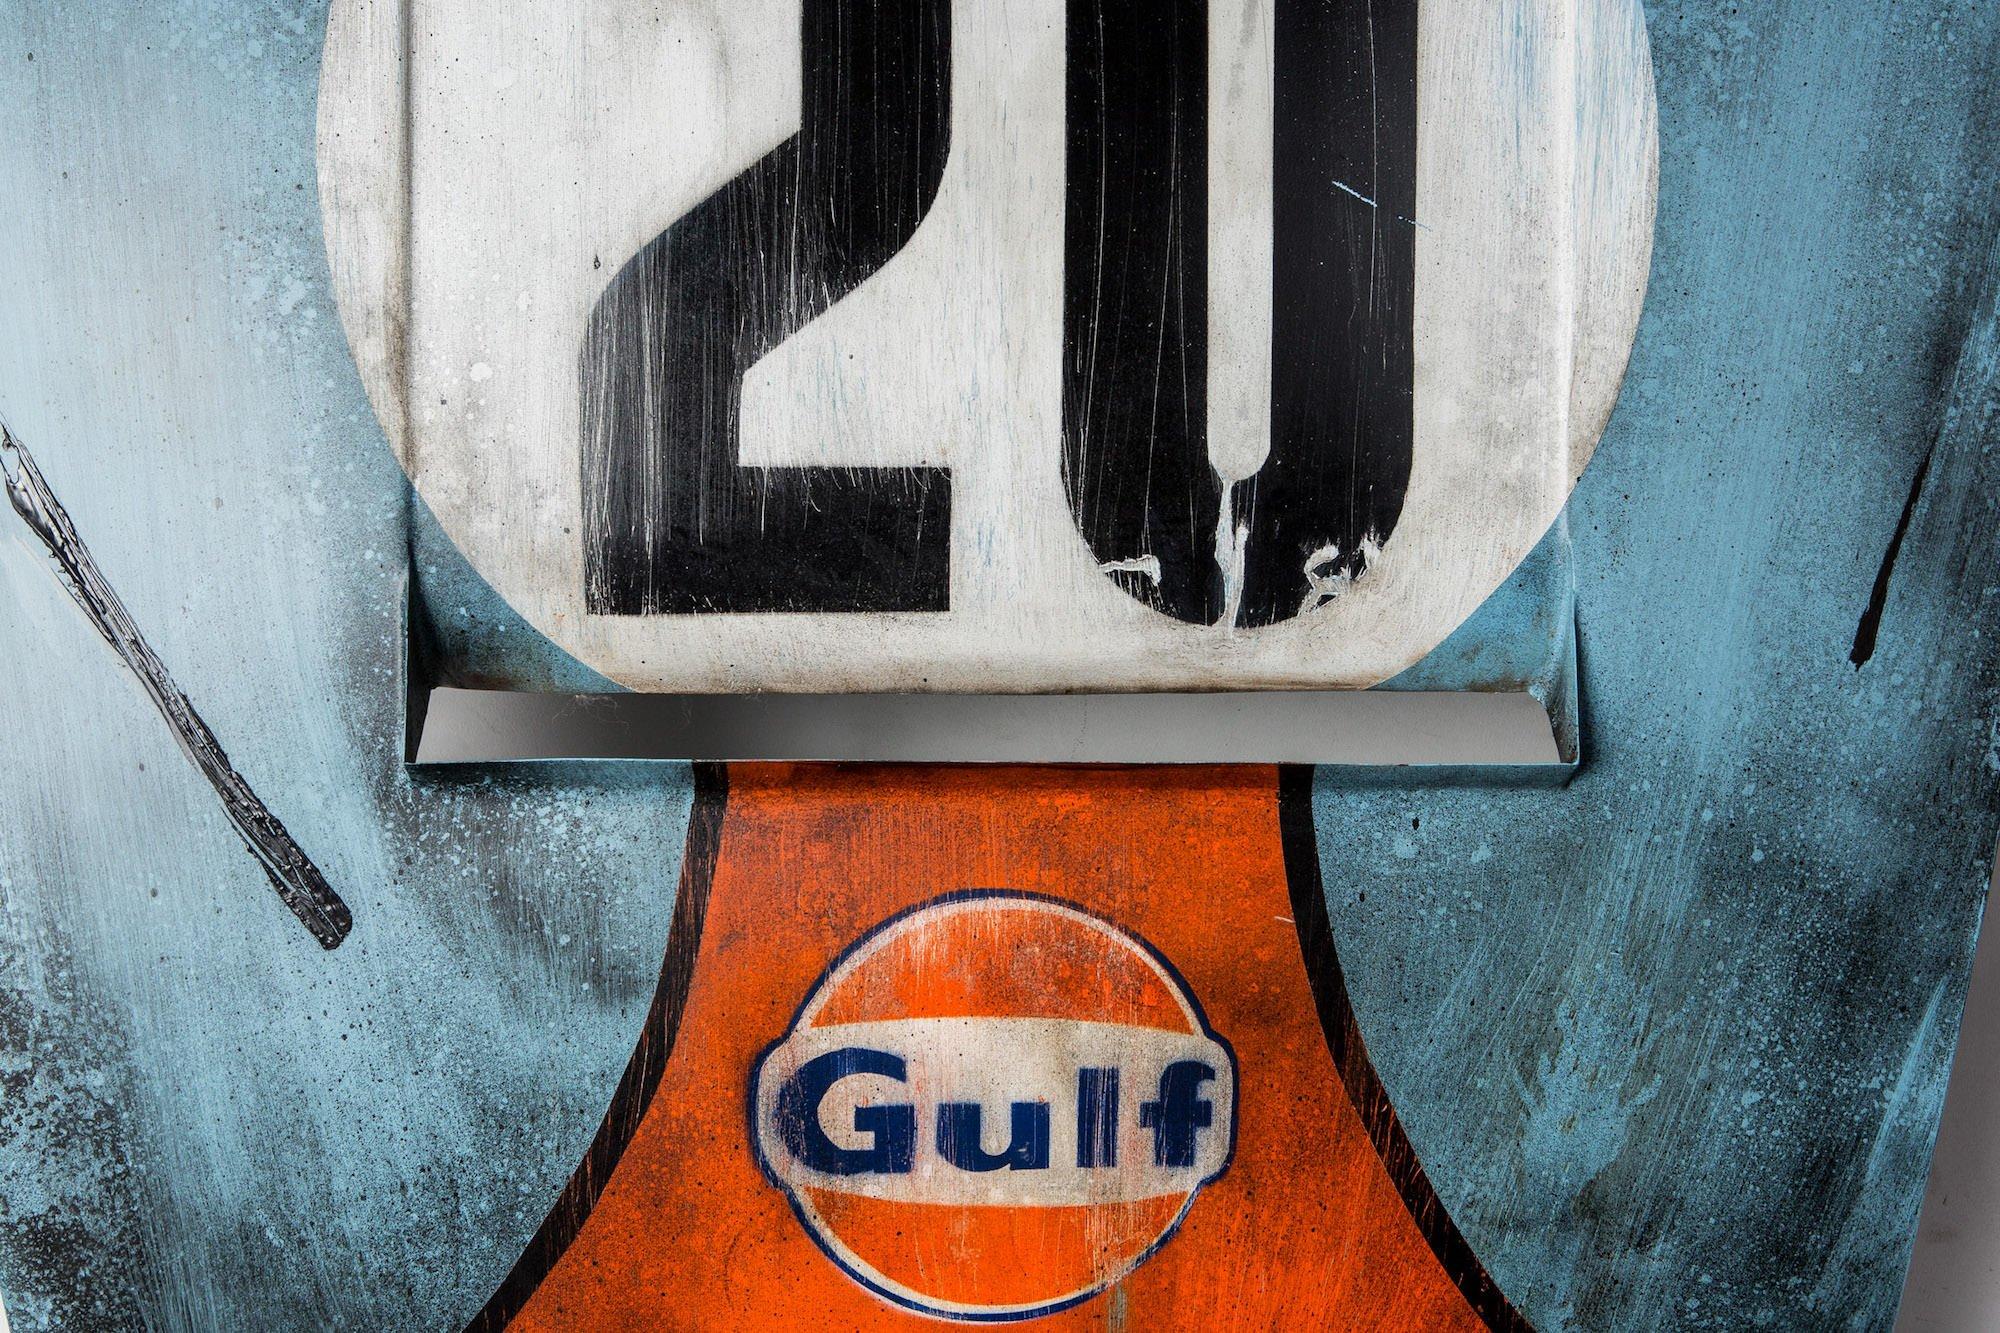 Gulf Porsche Hood Art By After The Race